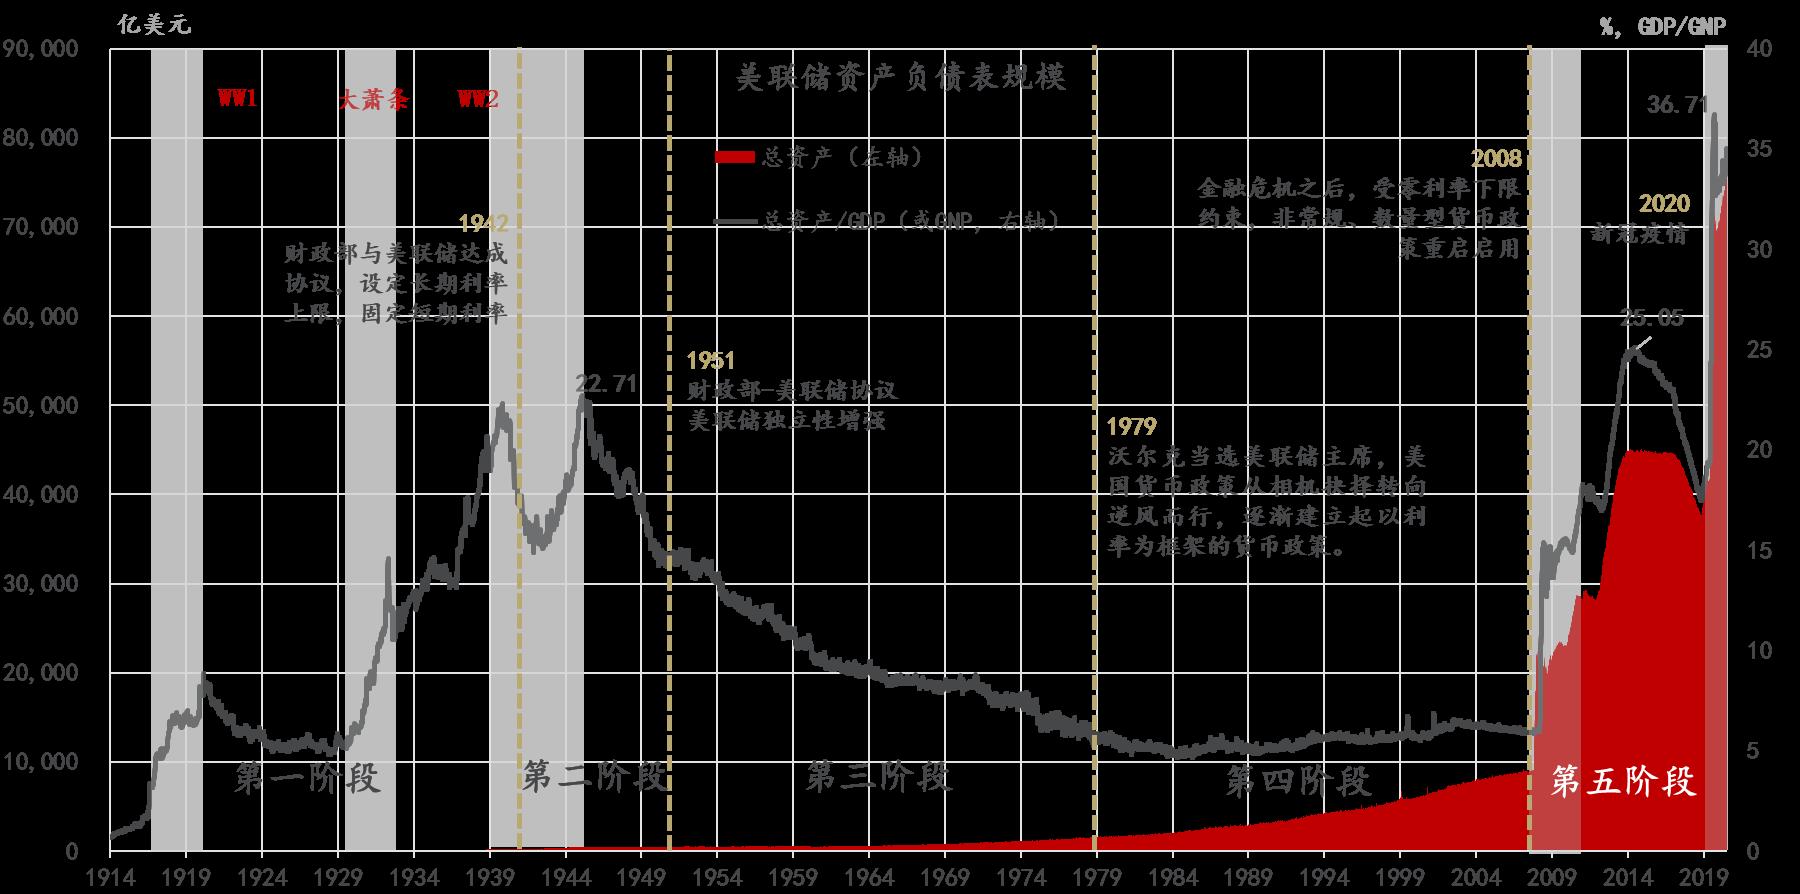 流动性经济学 拆解美联储资产负债表:从诞生到大萧条之后